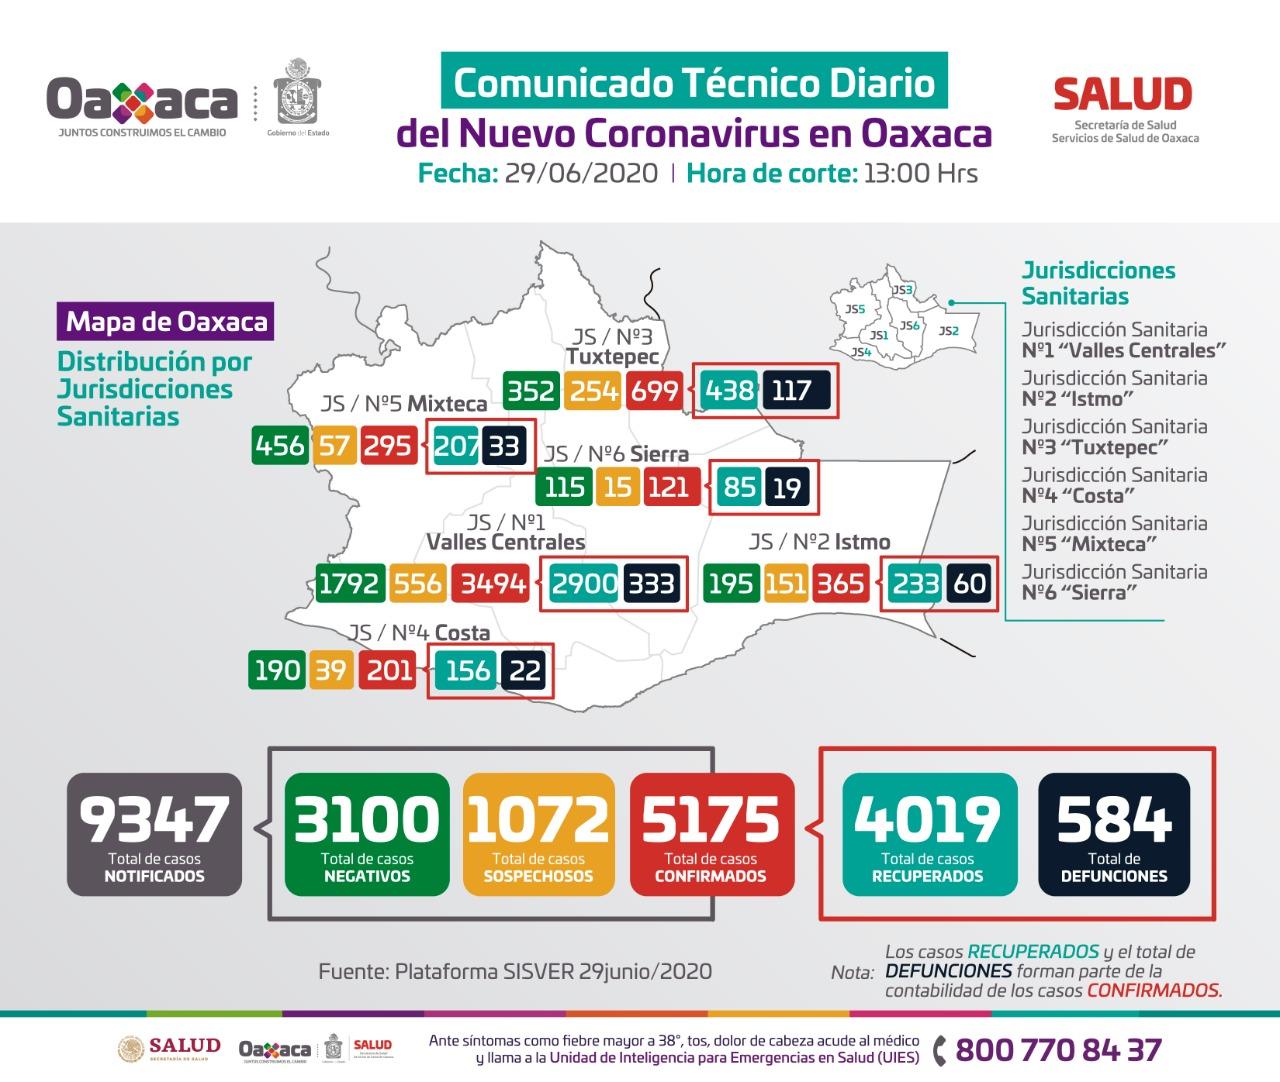 Suman cinco mil 175 casos acumulados y 584 decesos de Covid-19 en Oaxaca